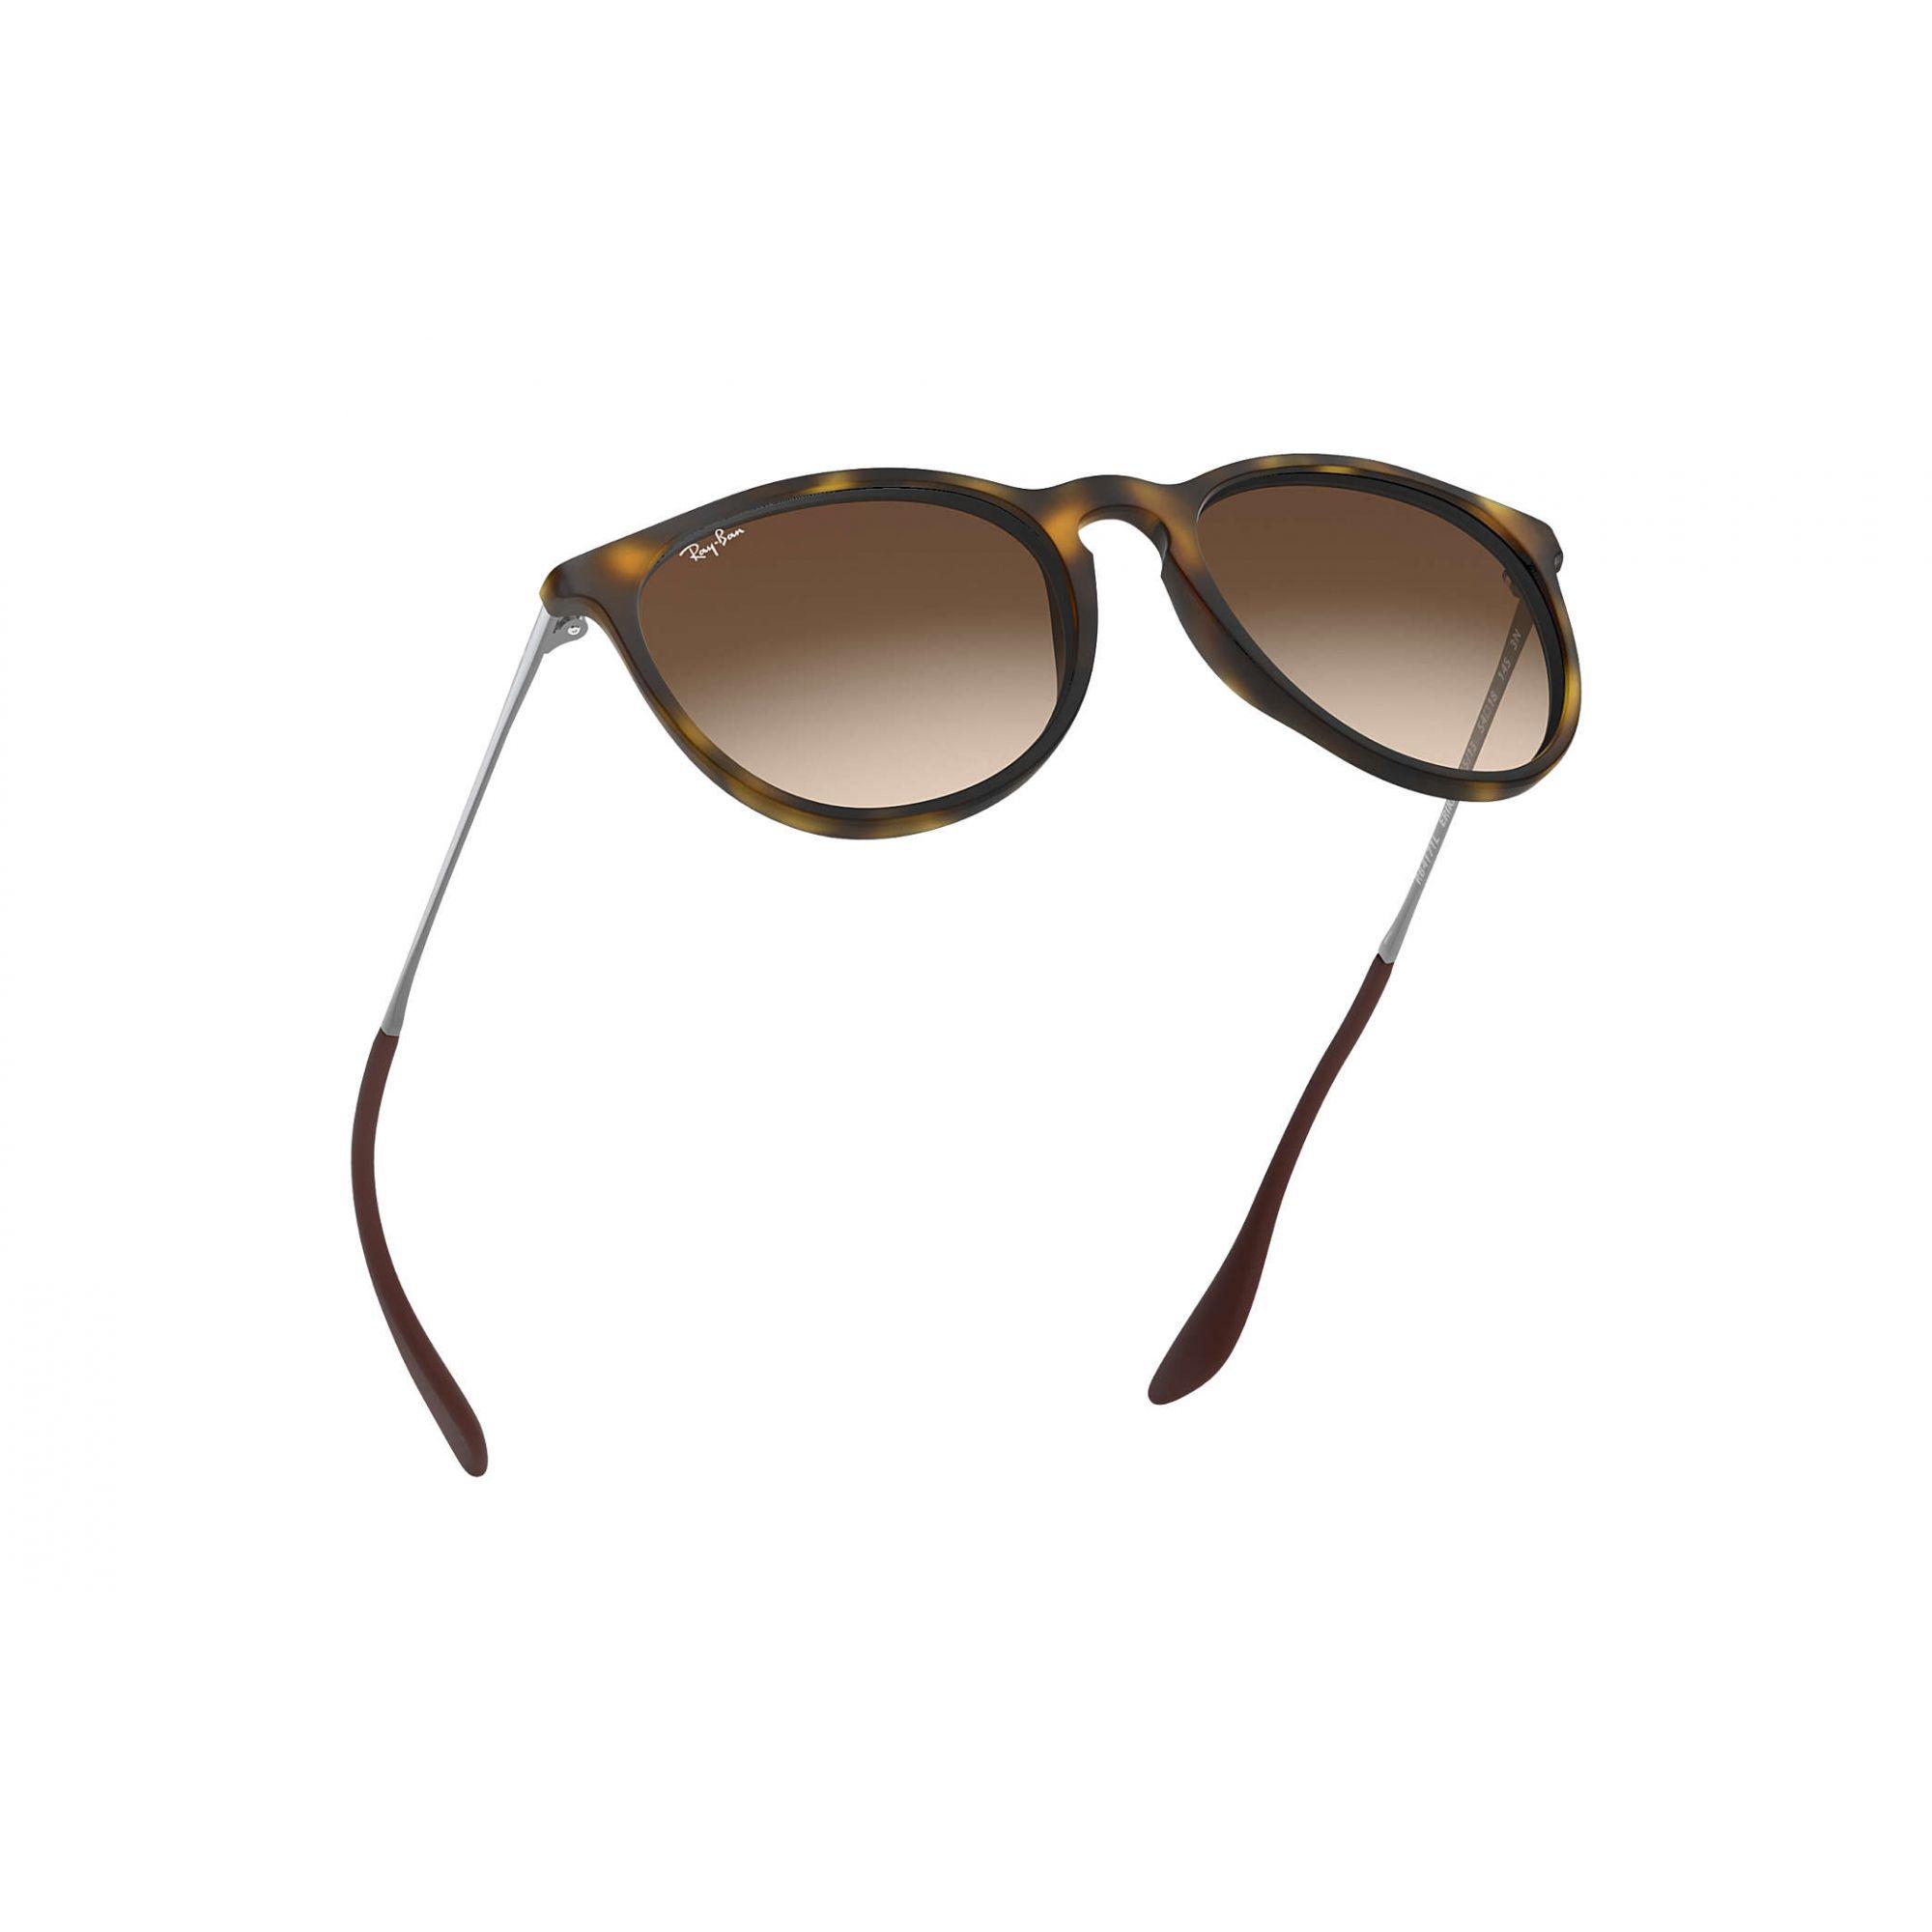 Ray Ban - RB4171L 8651354 - Óculos de sol